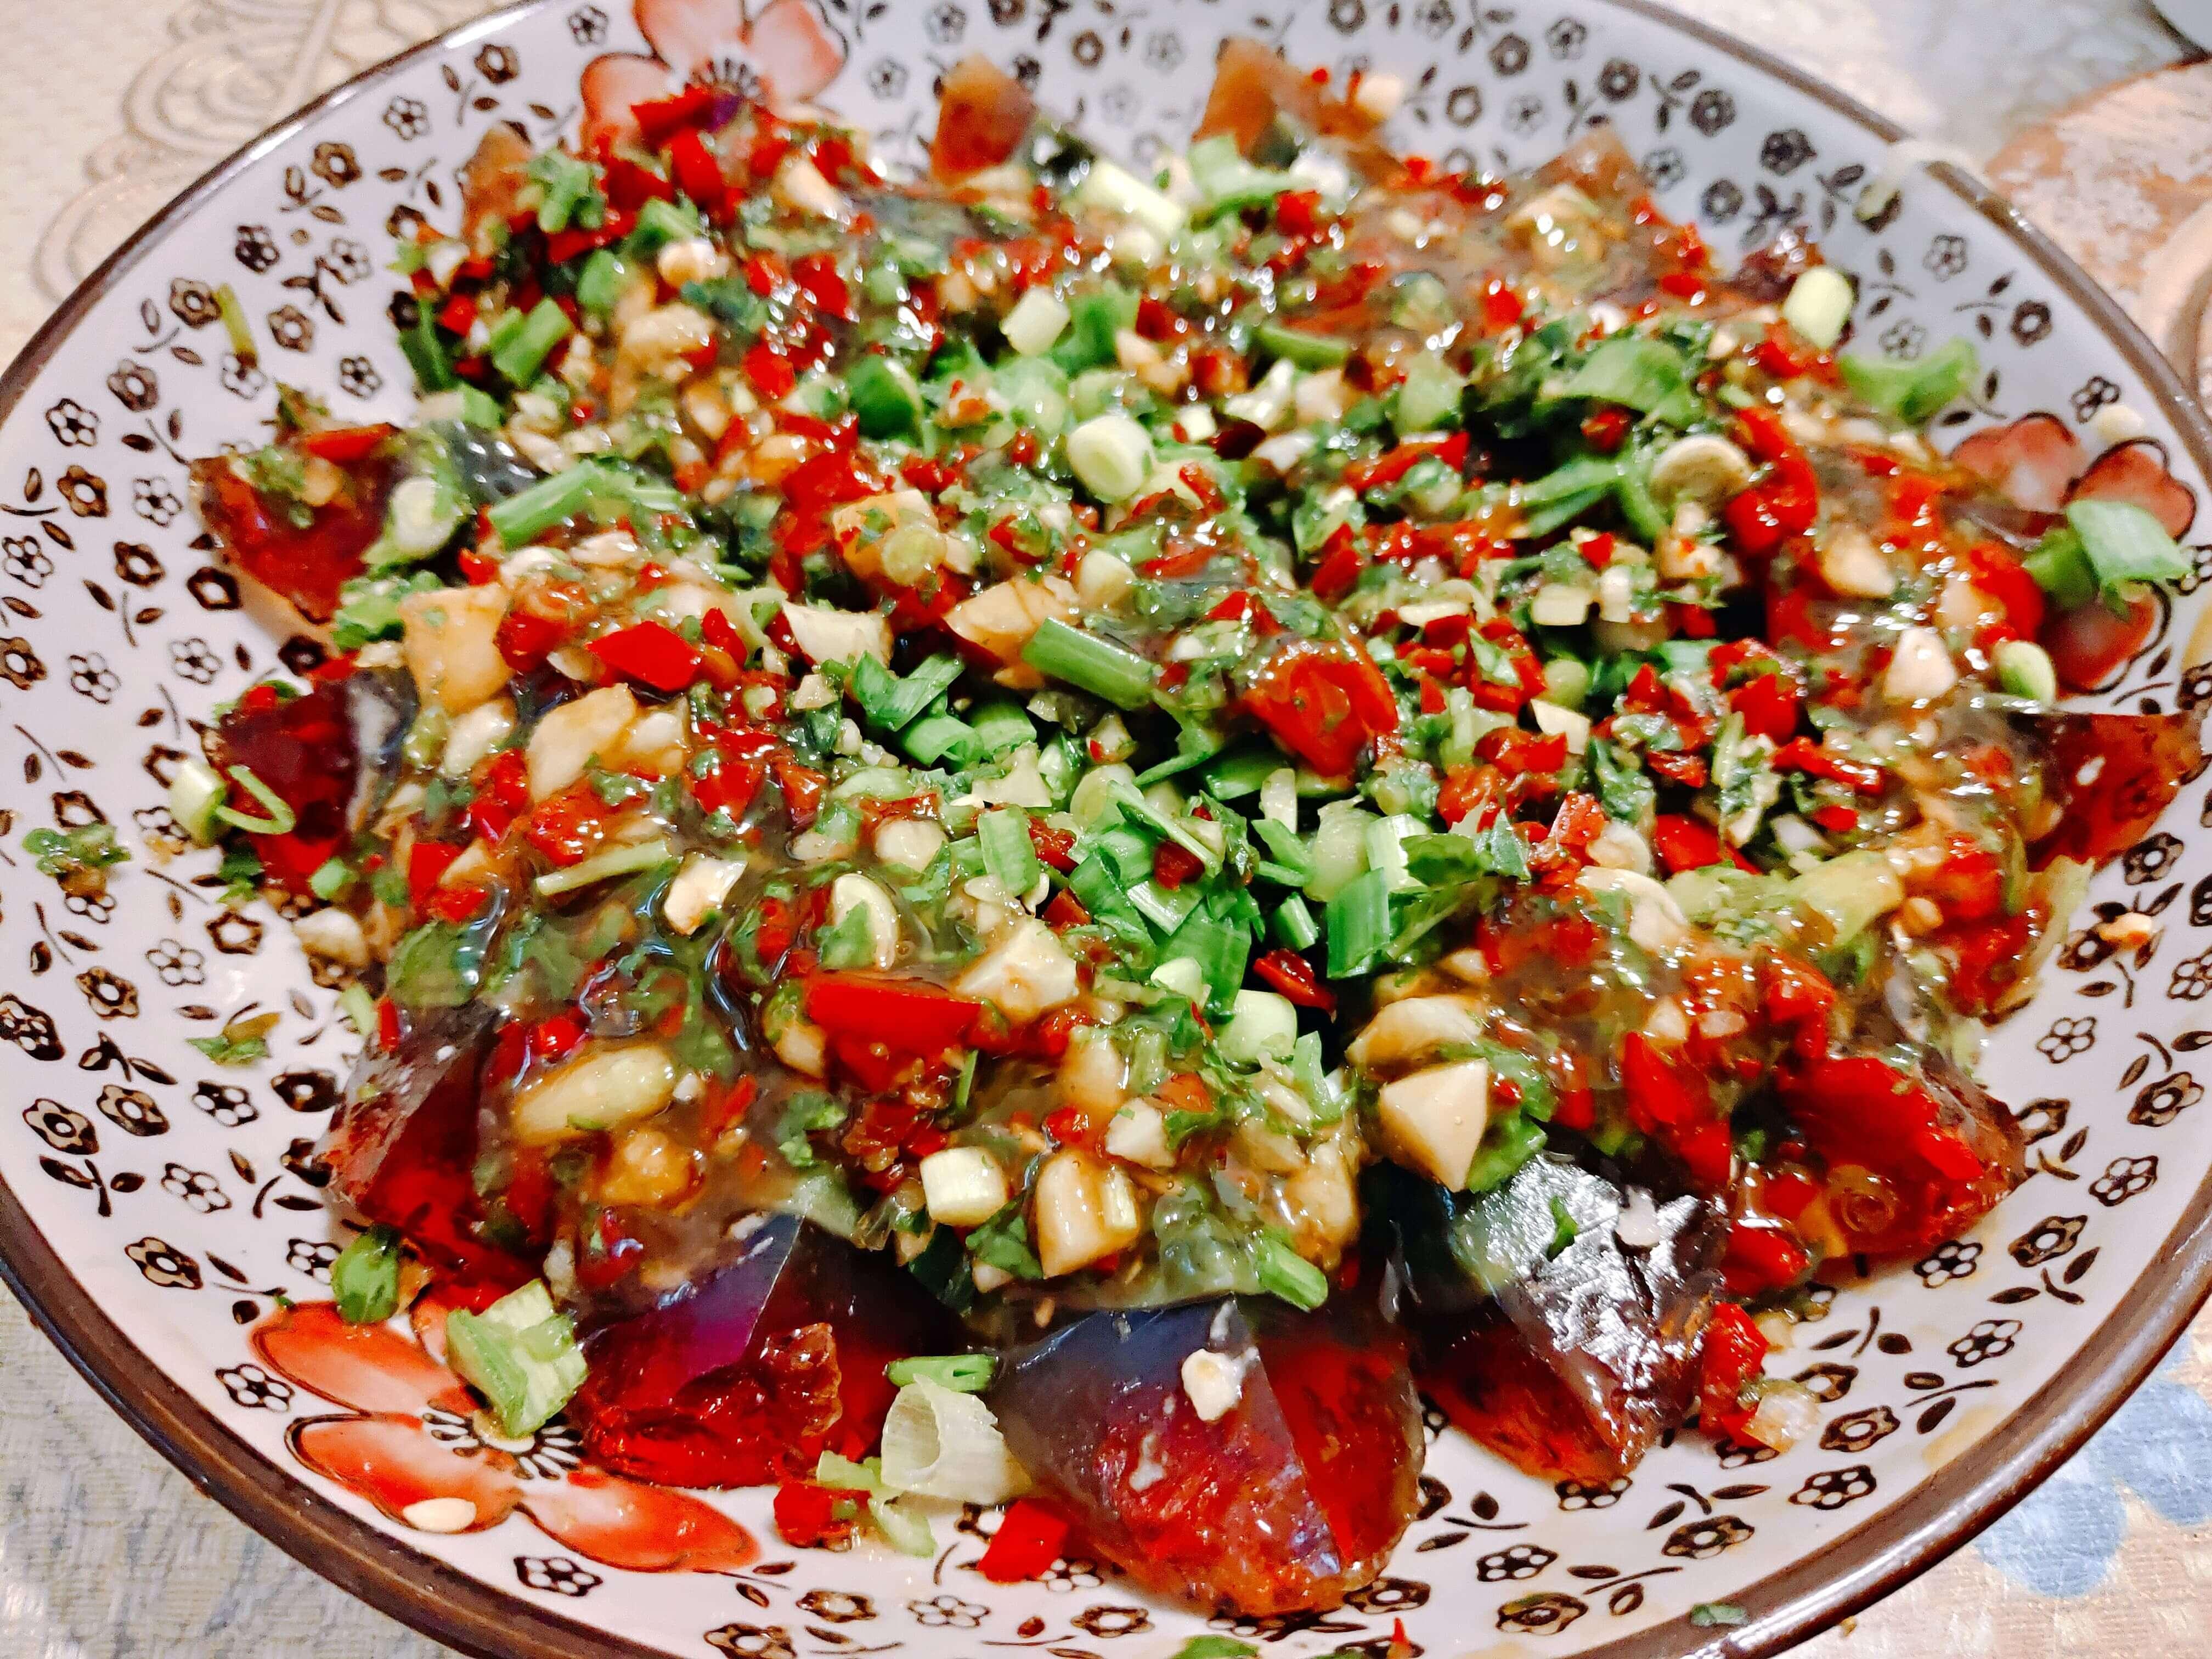 【食譜】泰式涼拌皮蛋–三分鐘就能搞定的超簡單料理